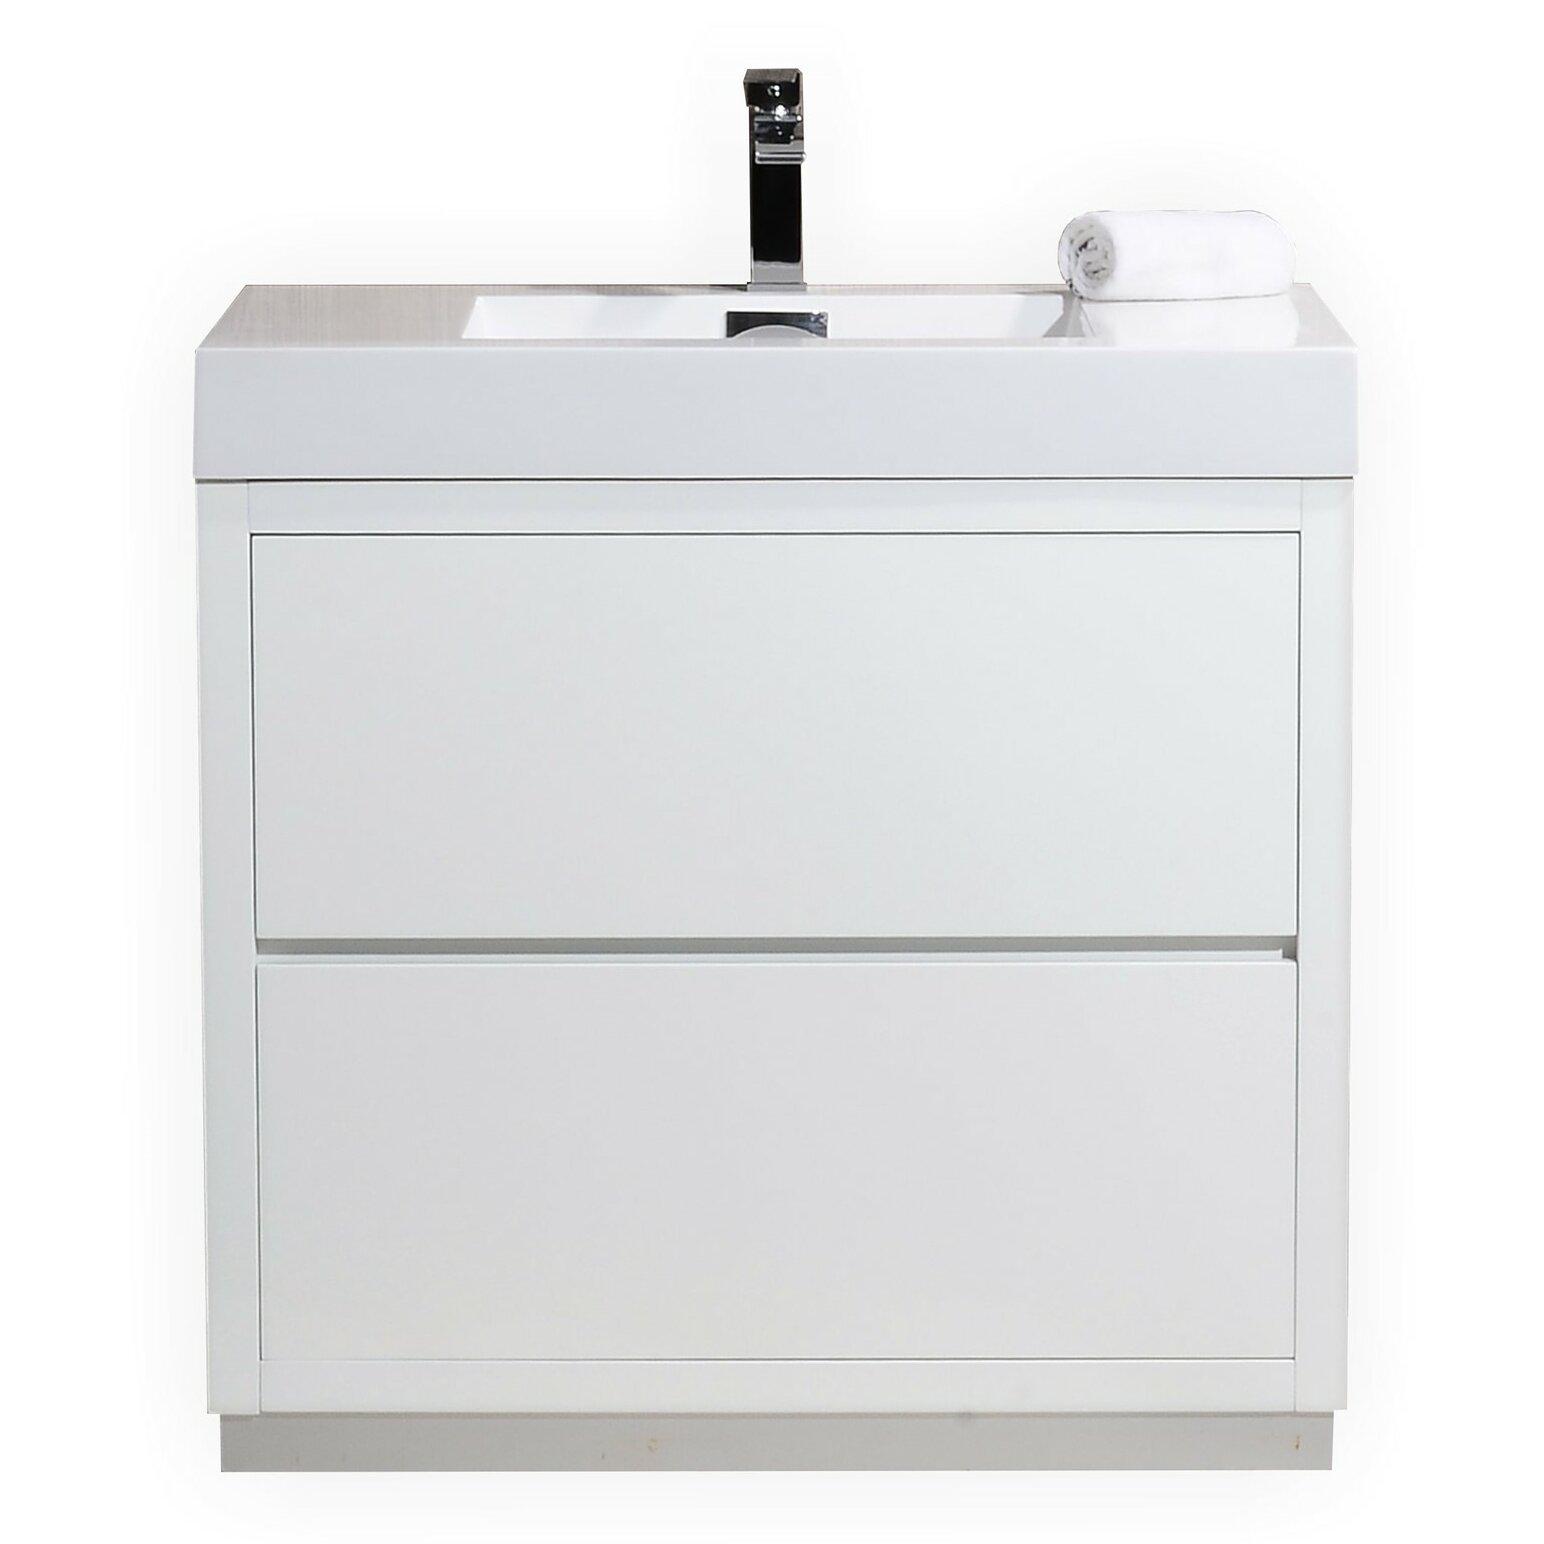 Kube bath bliss 36 single free standing modern bathroom vanity set wayfair for Free standing bathroom vanities